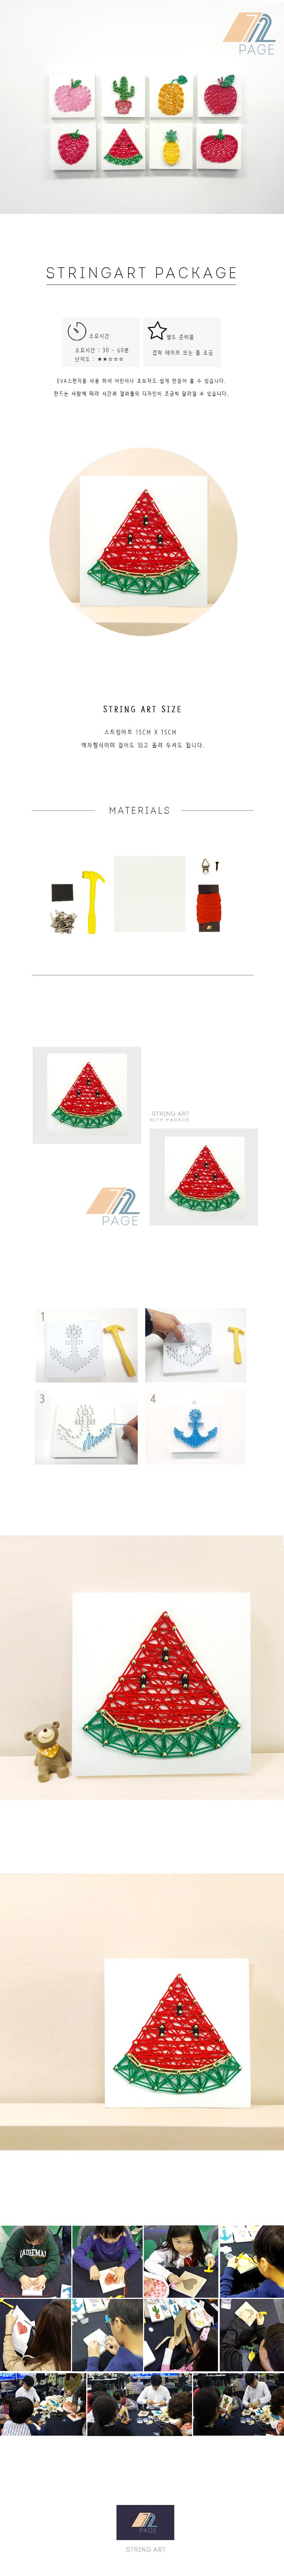 꼬마 수박 스트링아트 만들기 패키지 DIY (EVA) - 72페이지, 10,000원, DIY그리기, 스트링아트